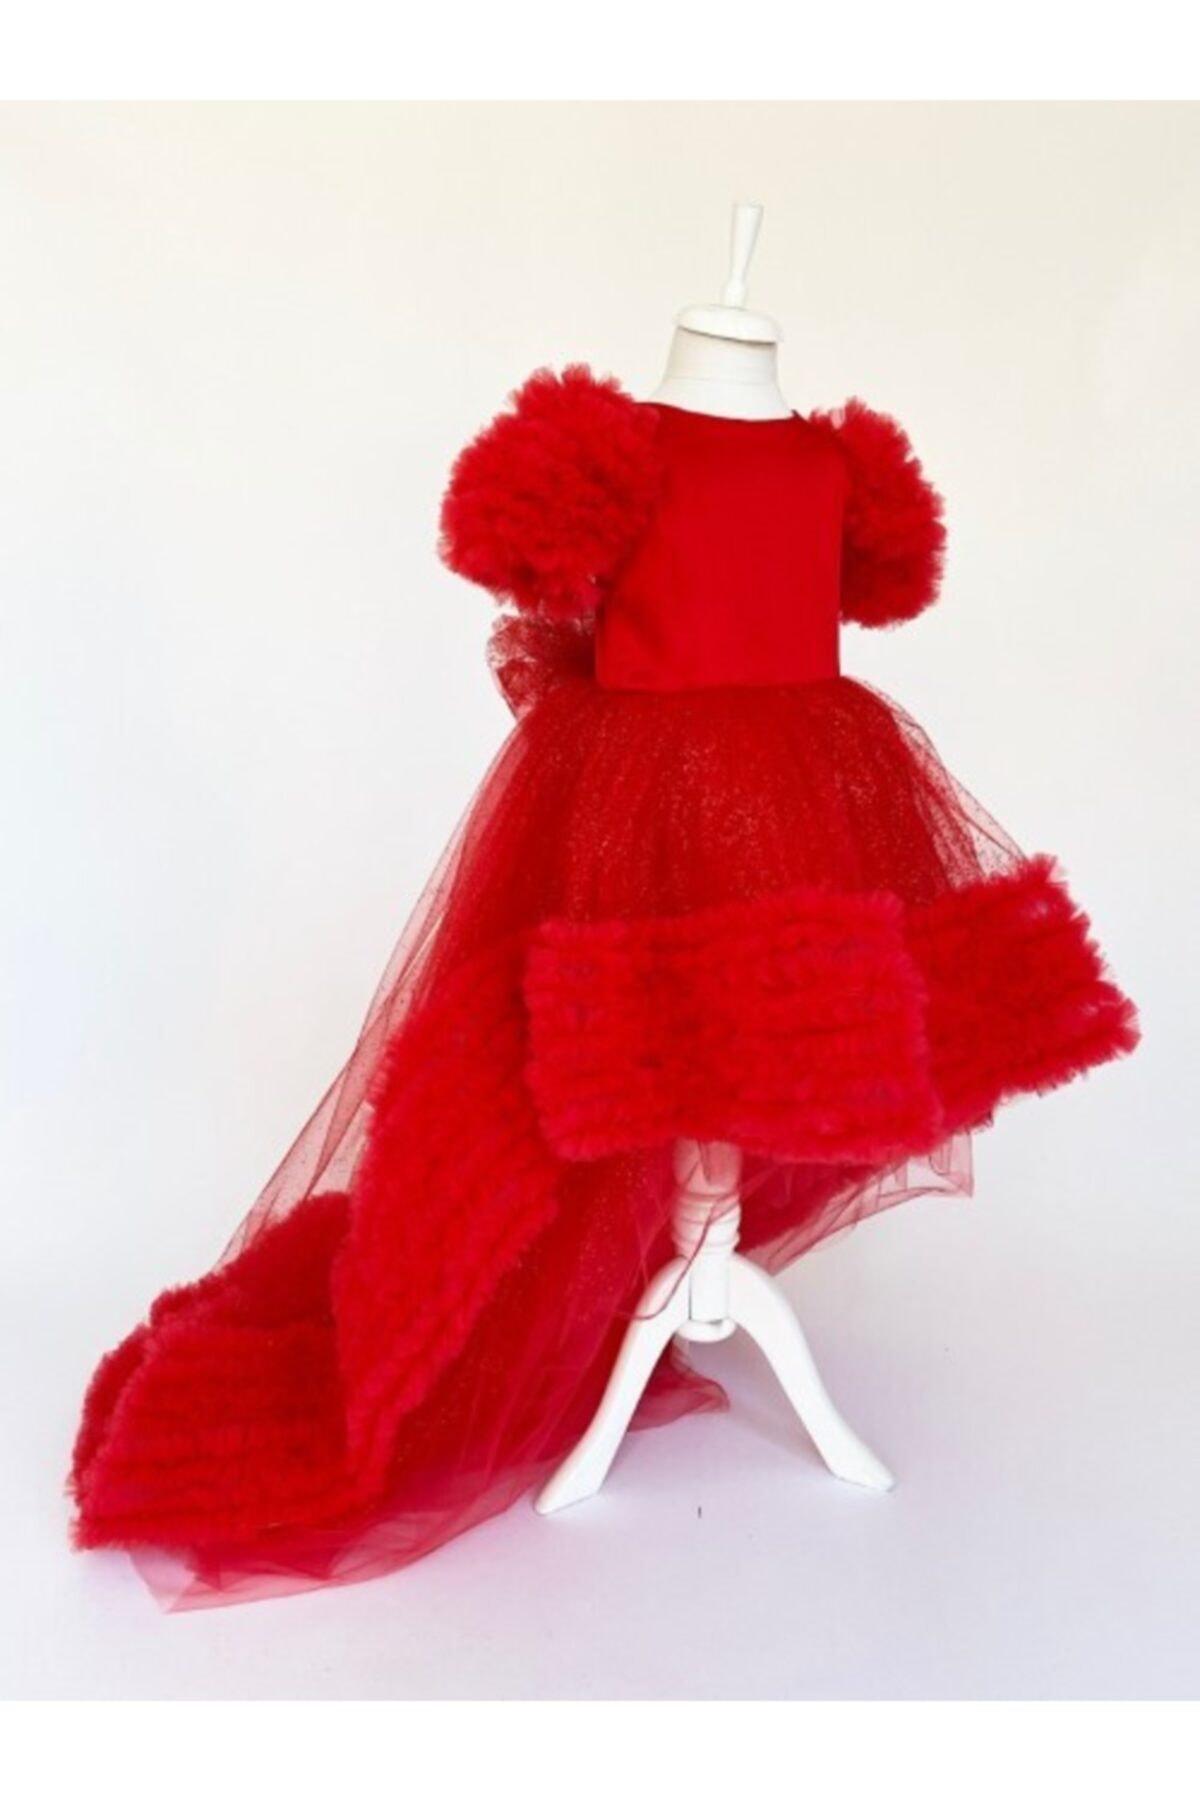 فروش نقدی لباس مجلسی دخترانه خاص برند zühre balaban رنگ قرمز ty51614506